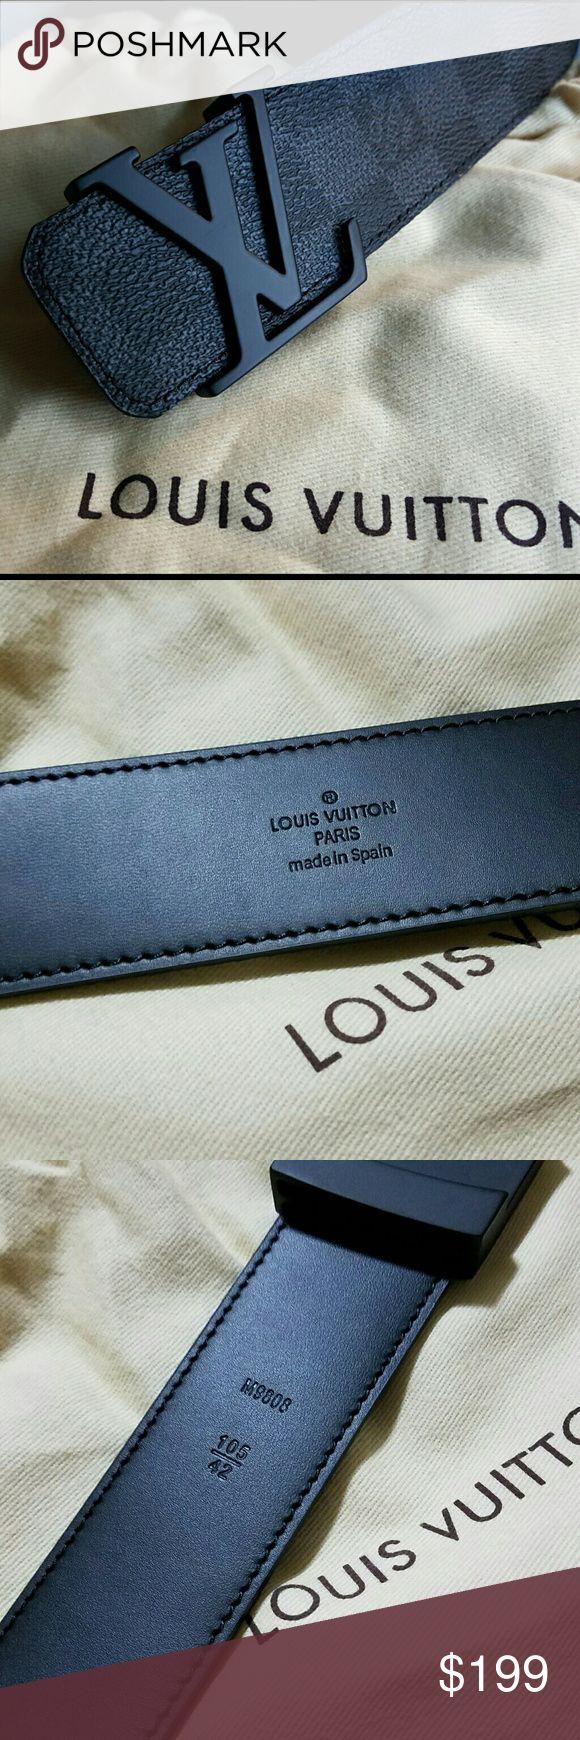 Louis Vuitton Belt Black Damier Ebener 105cm Authentic black louis vuitton belt worn twice. Fit 34-36 waist.  Comes with box and dust bag. Louis Vuitton Accessories Belts